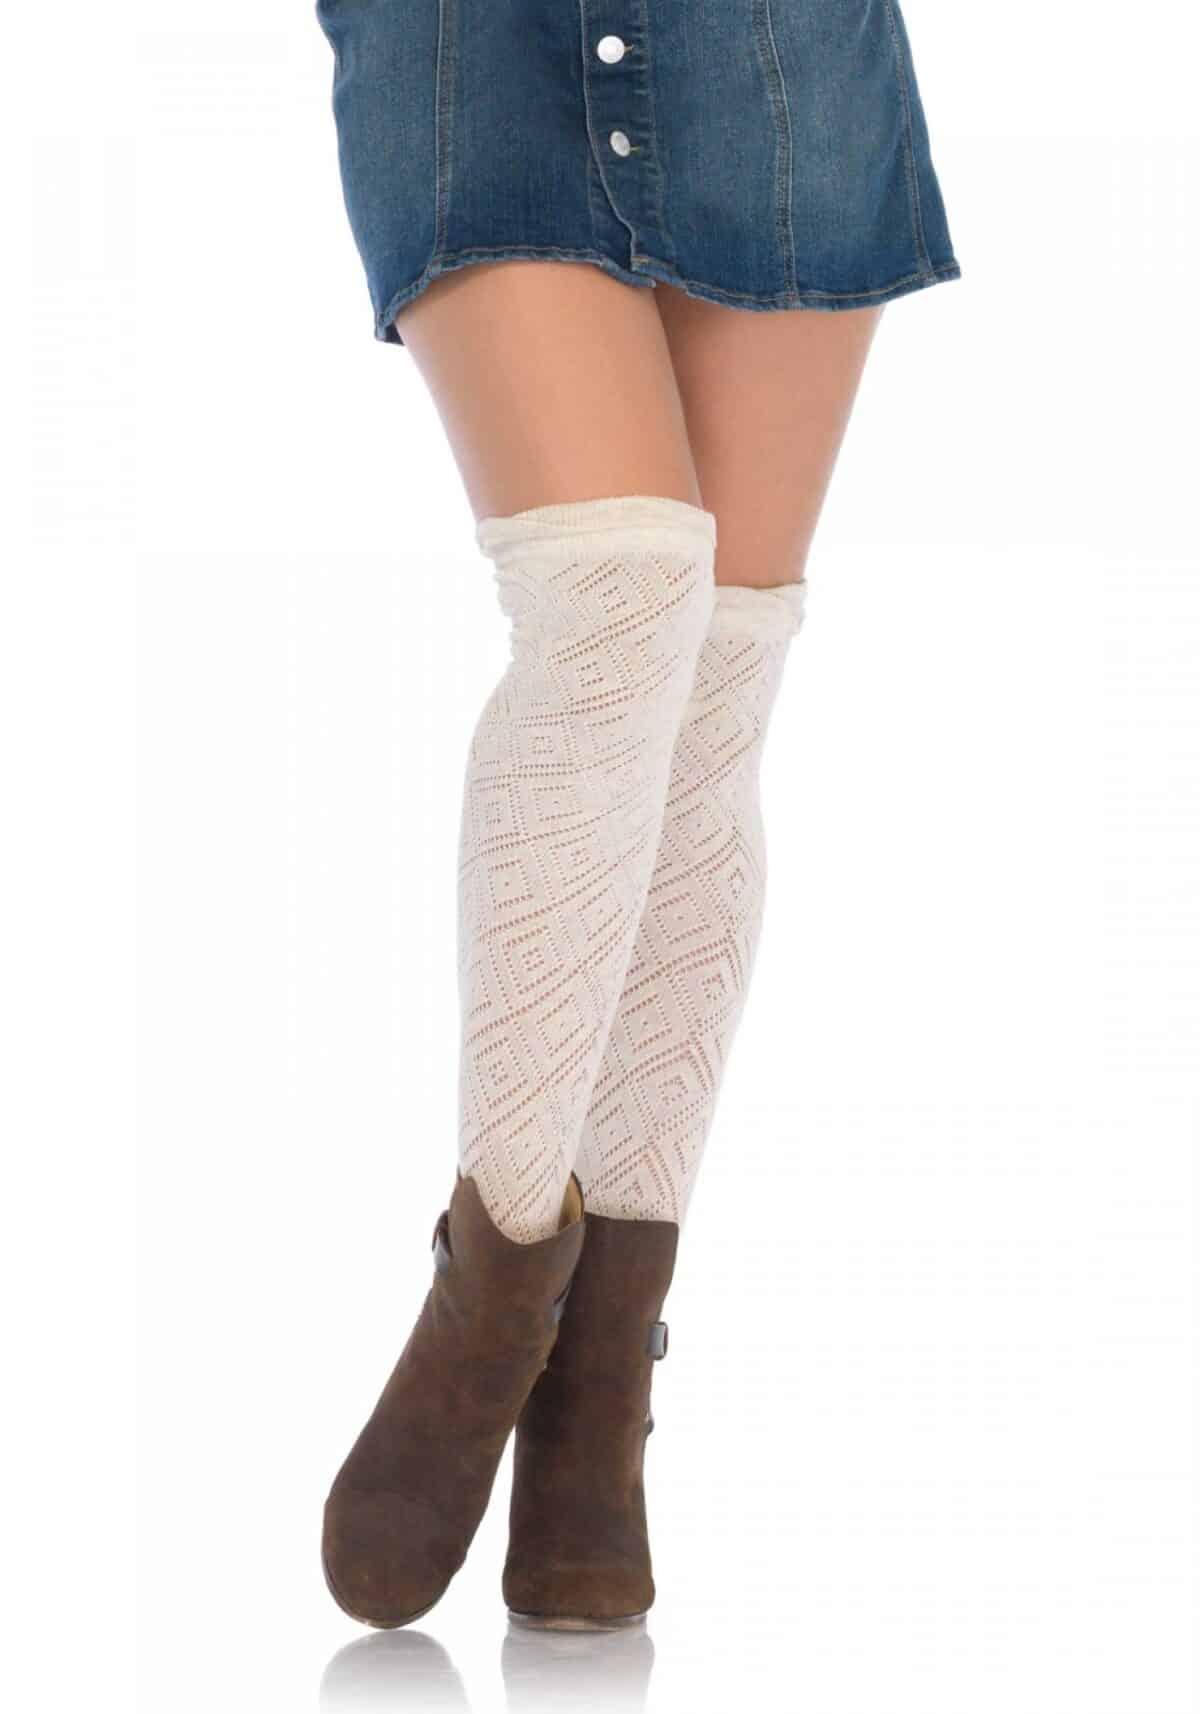 Crocheted over the knee socks κάλτσα πλεκτή